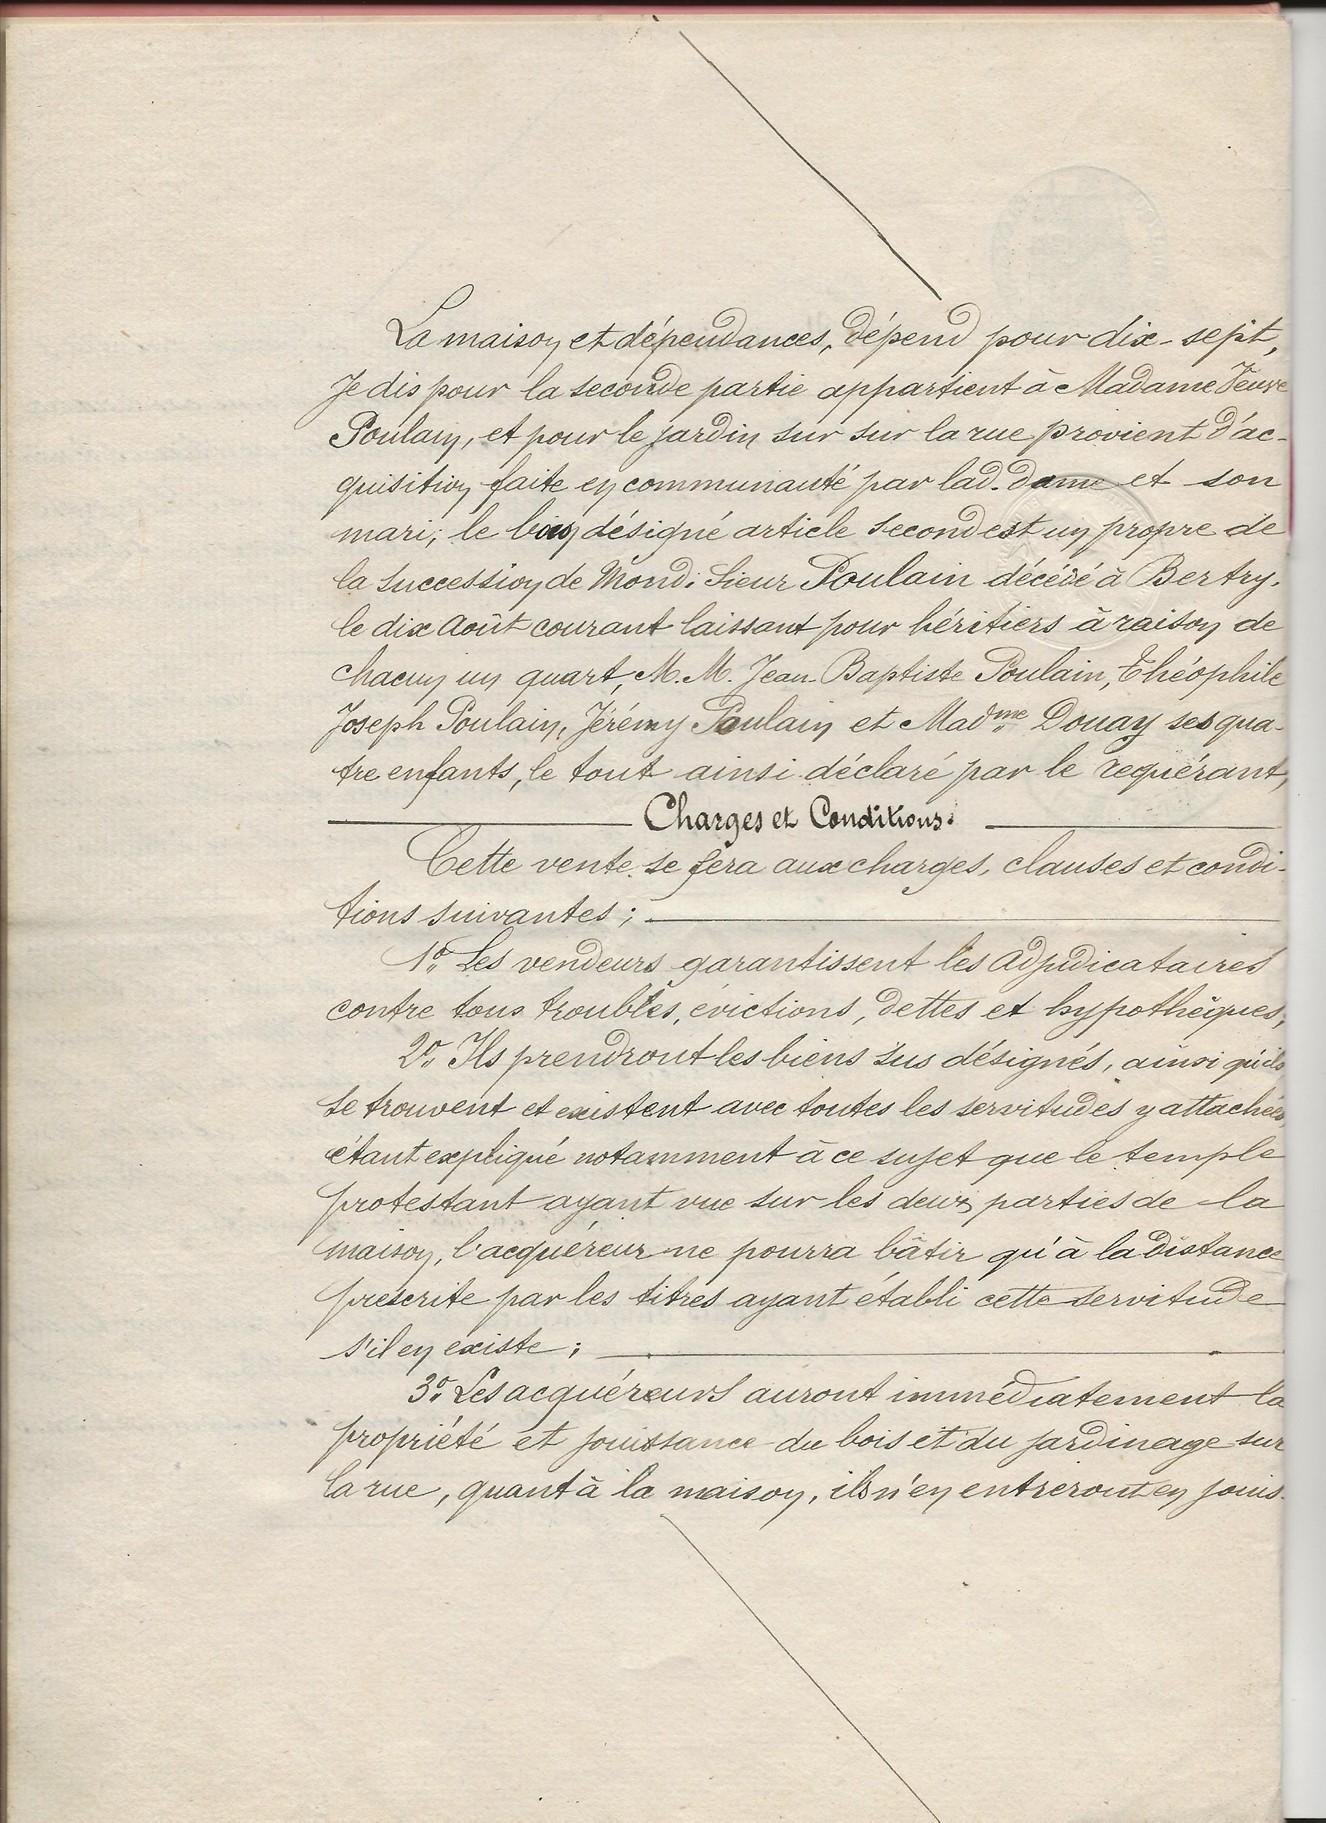 1854 vente adjucation vve poulain haimel a jeremy poulain 004